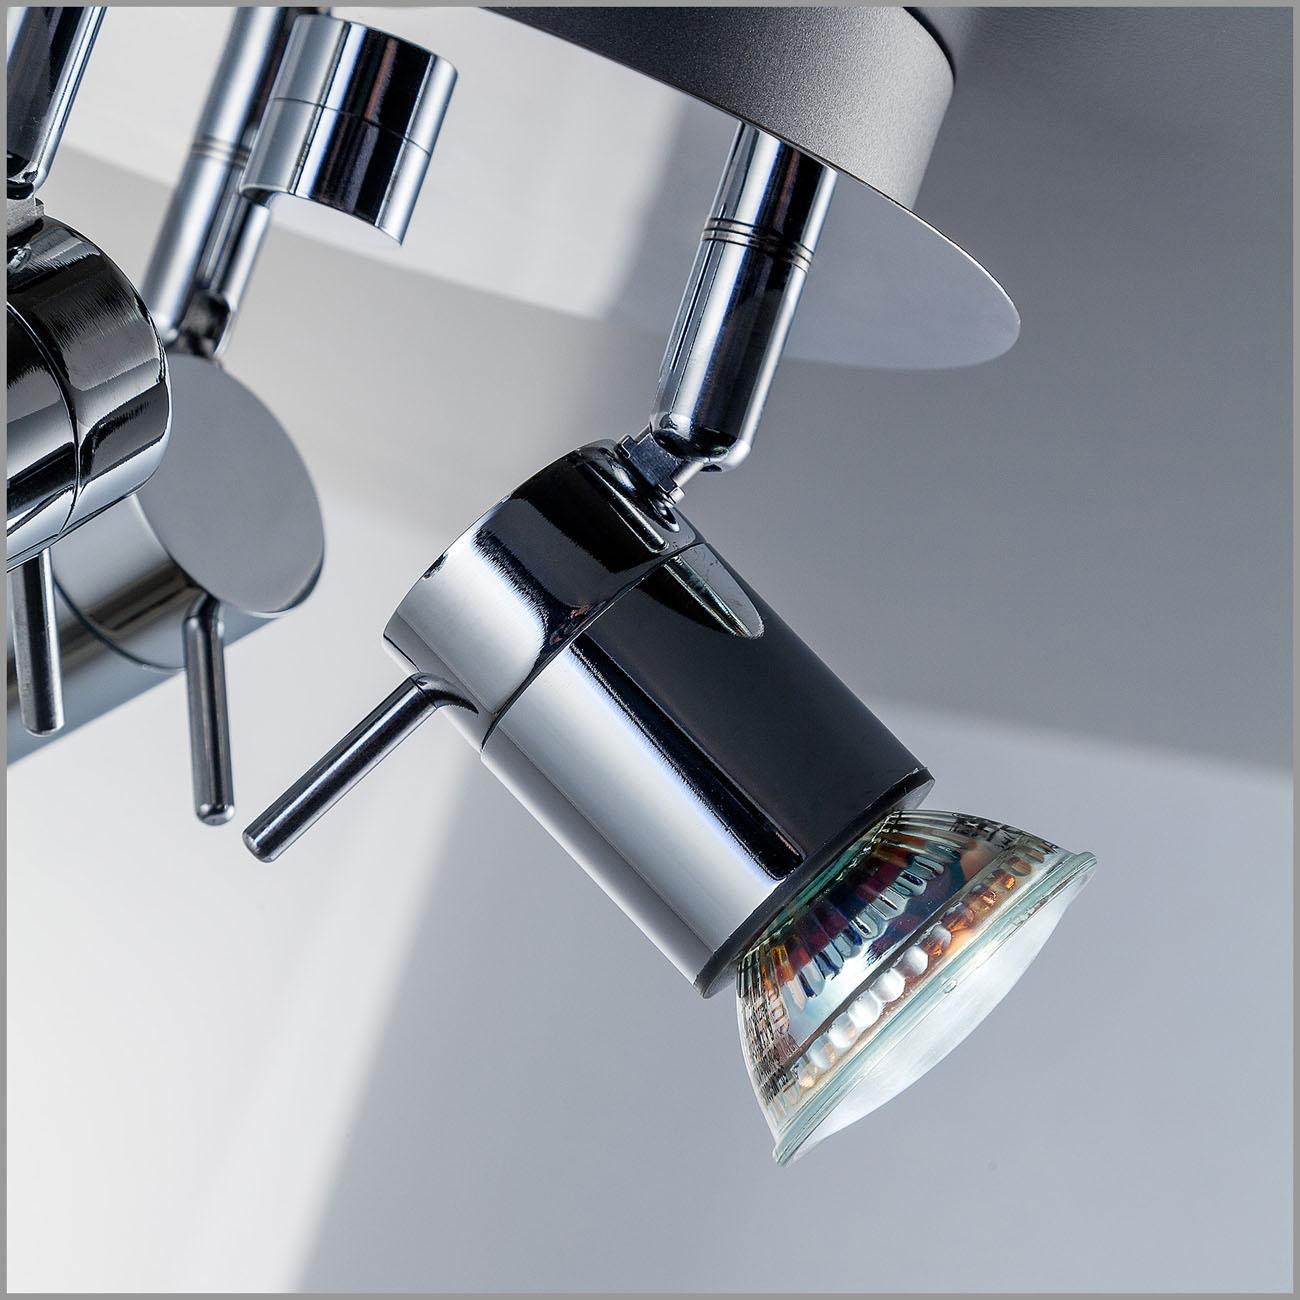 LED Deckenleuchte Badleuchte 3-flammig IPP44 glänzend - 6